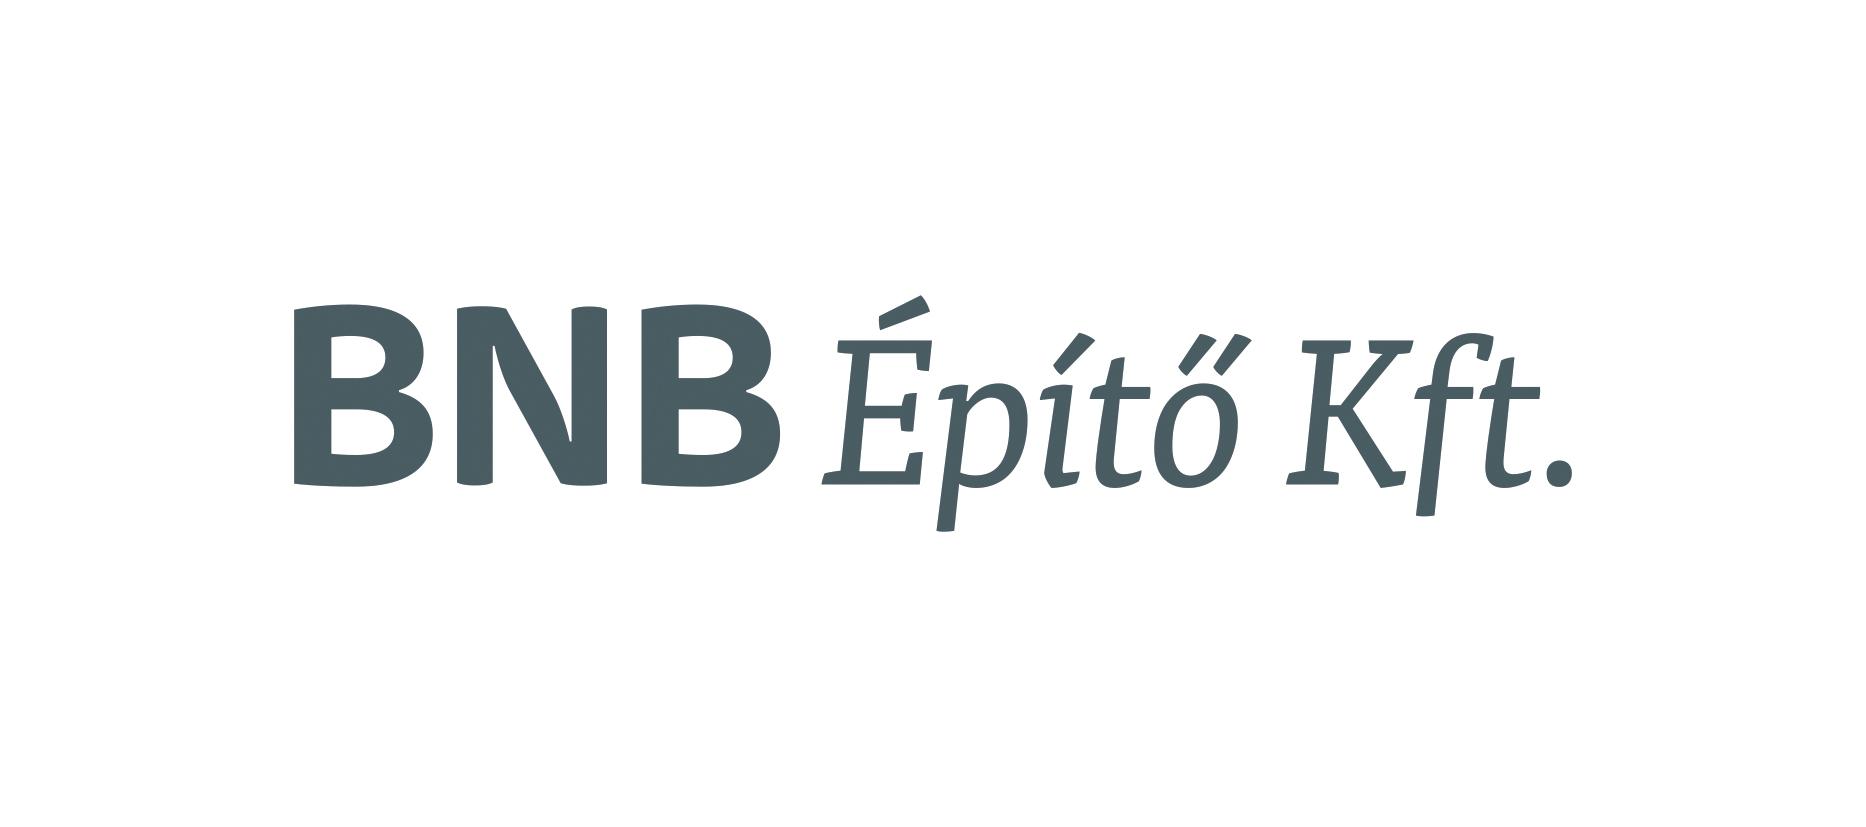 BNB Építő Kft.